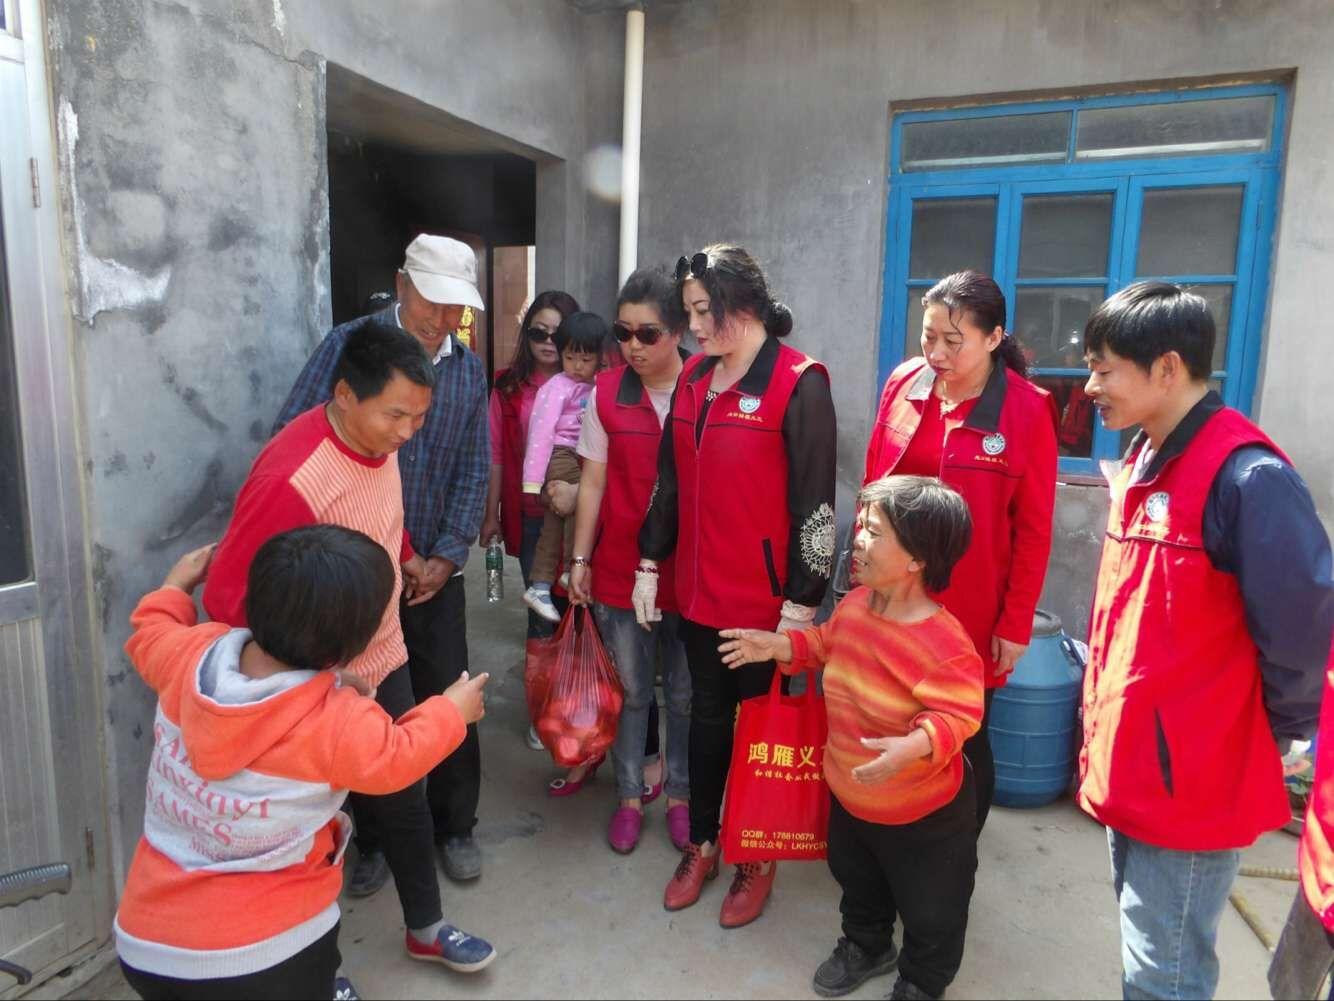 外来妹免费为敬老院老人理发   1997年,张鸿雁从黑龙江省鹤岗市来